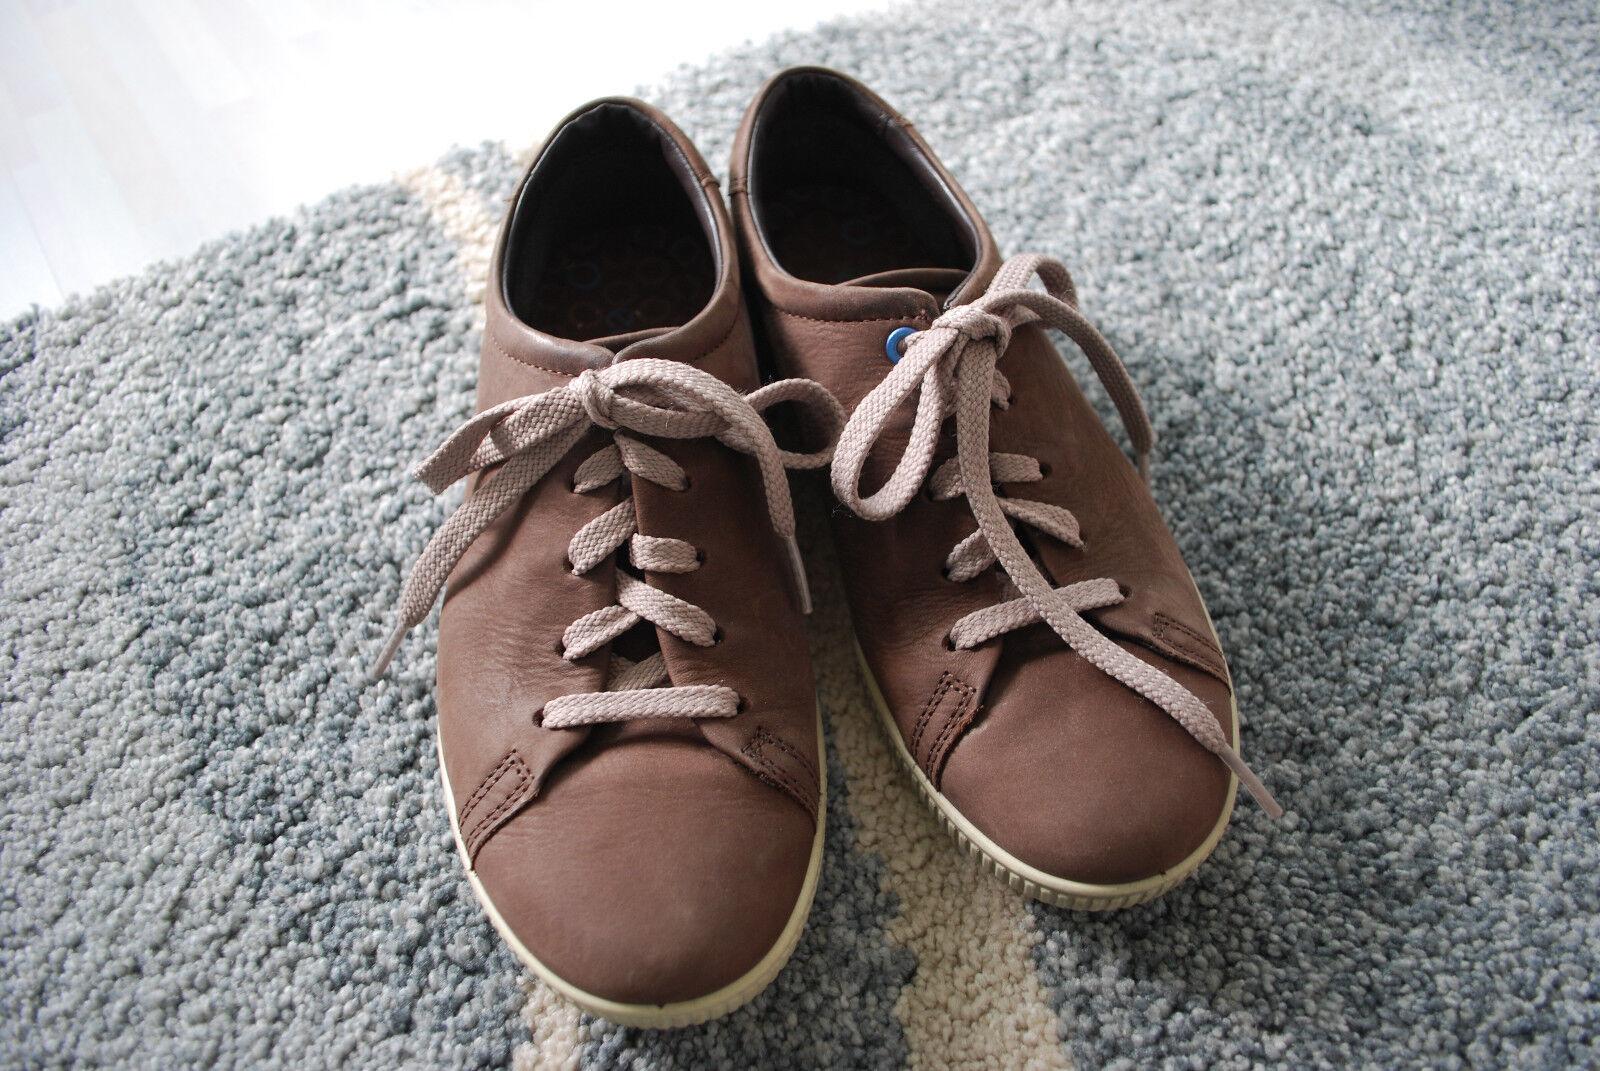 ECCO Sneaker Schuhe Damen Gr. 37 super Zustand kaum getragen Halbschuhe